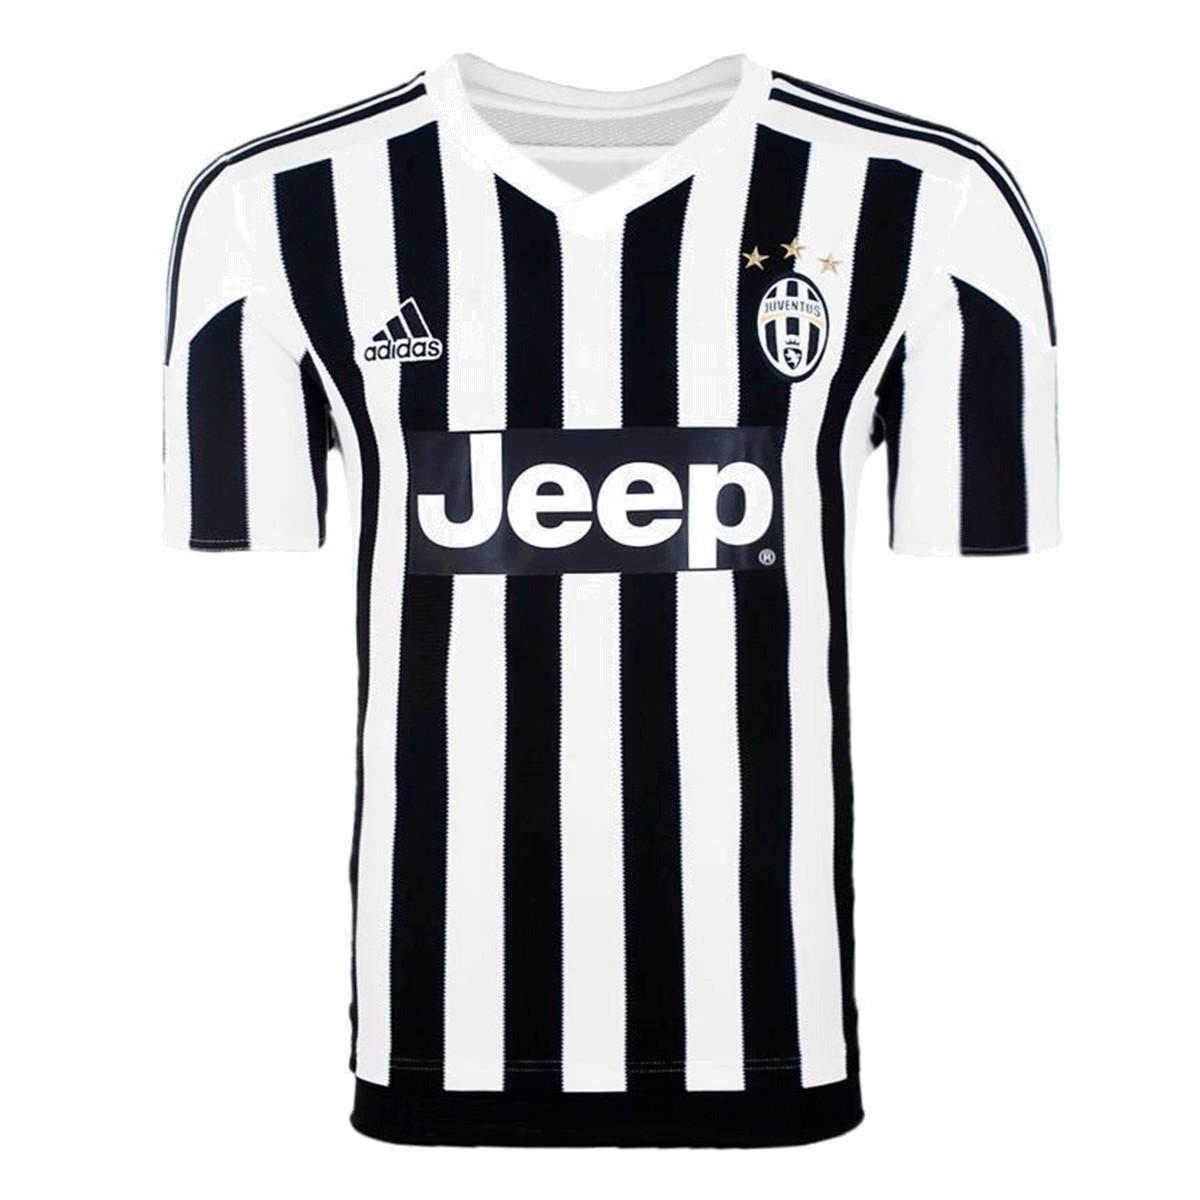 Camisa Juventus Adidas Home Infantil 2015 2016